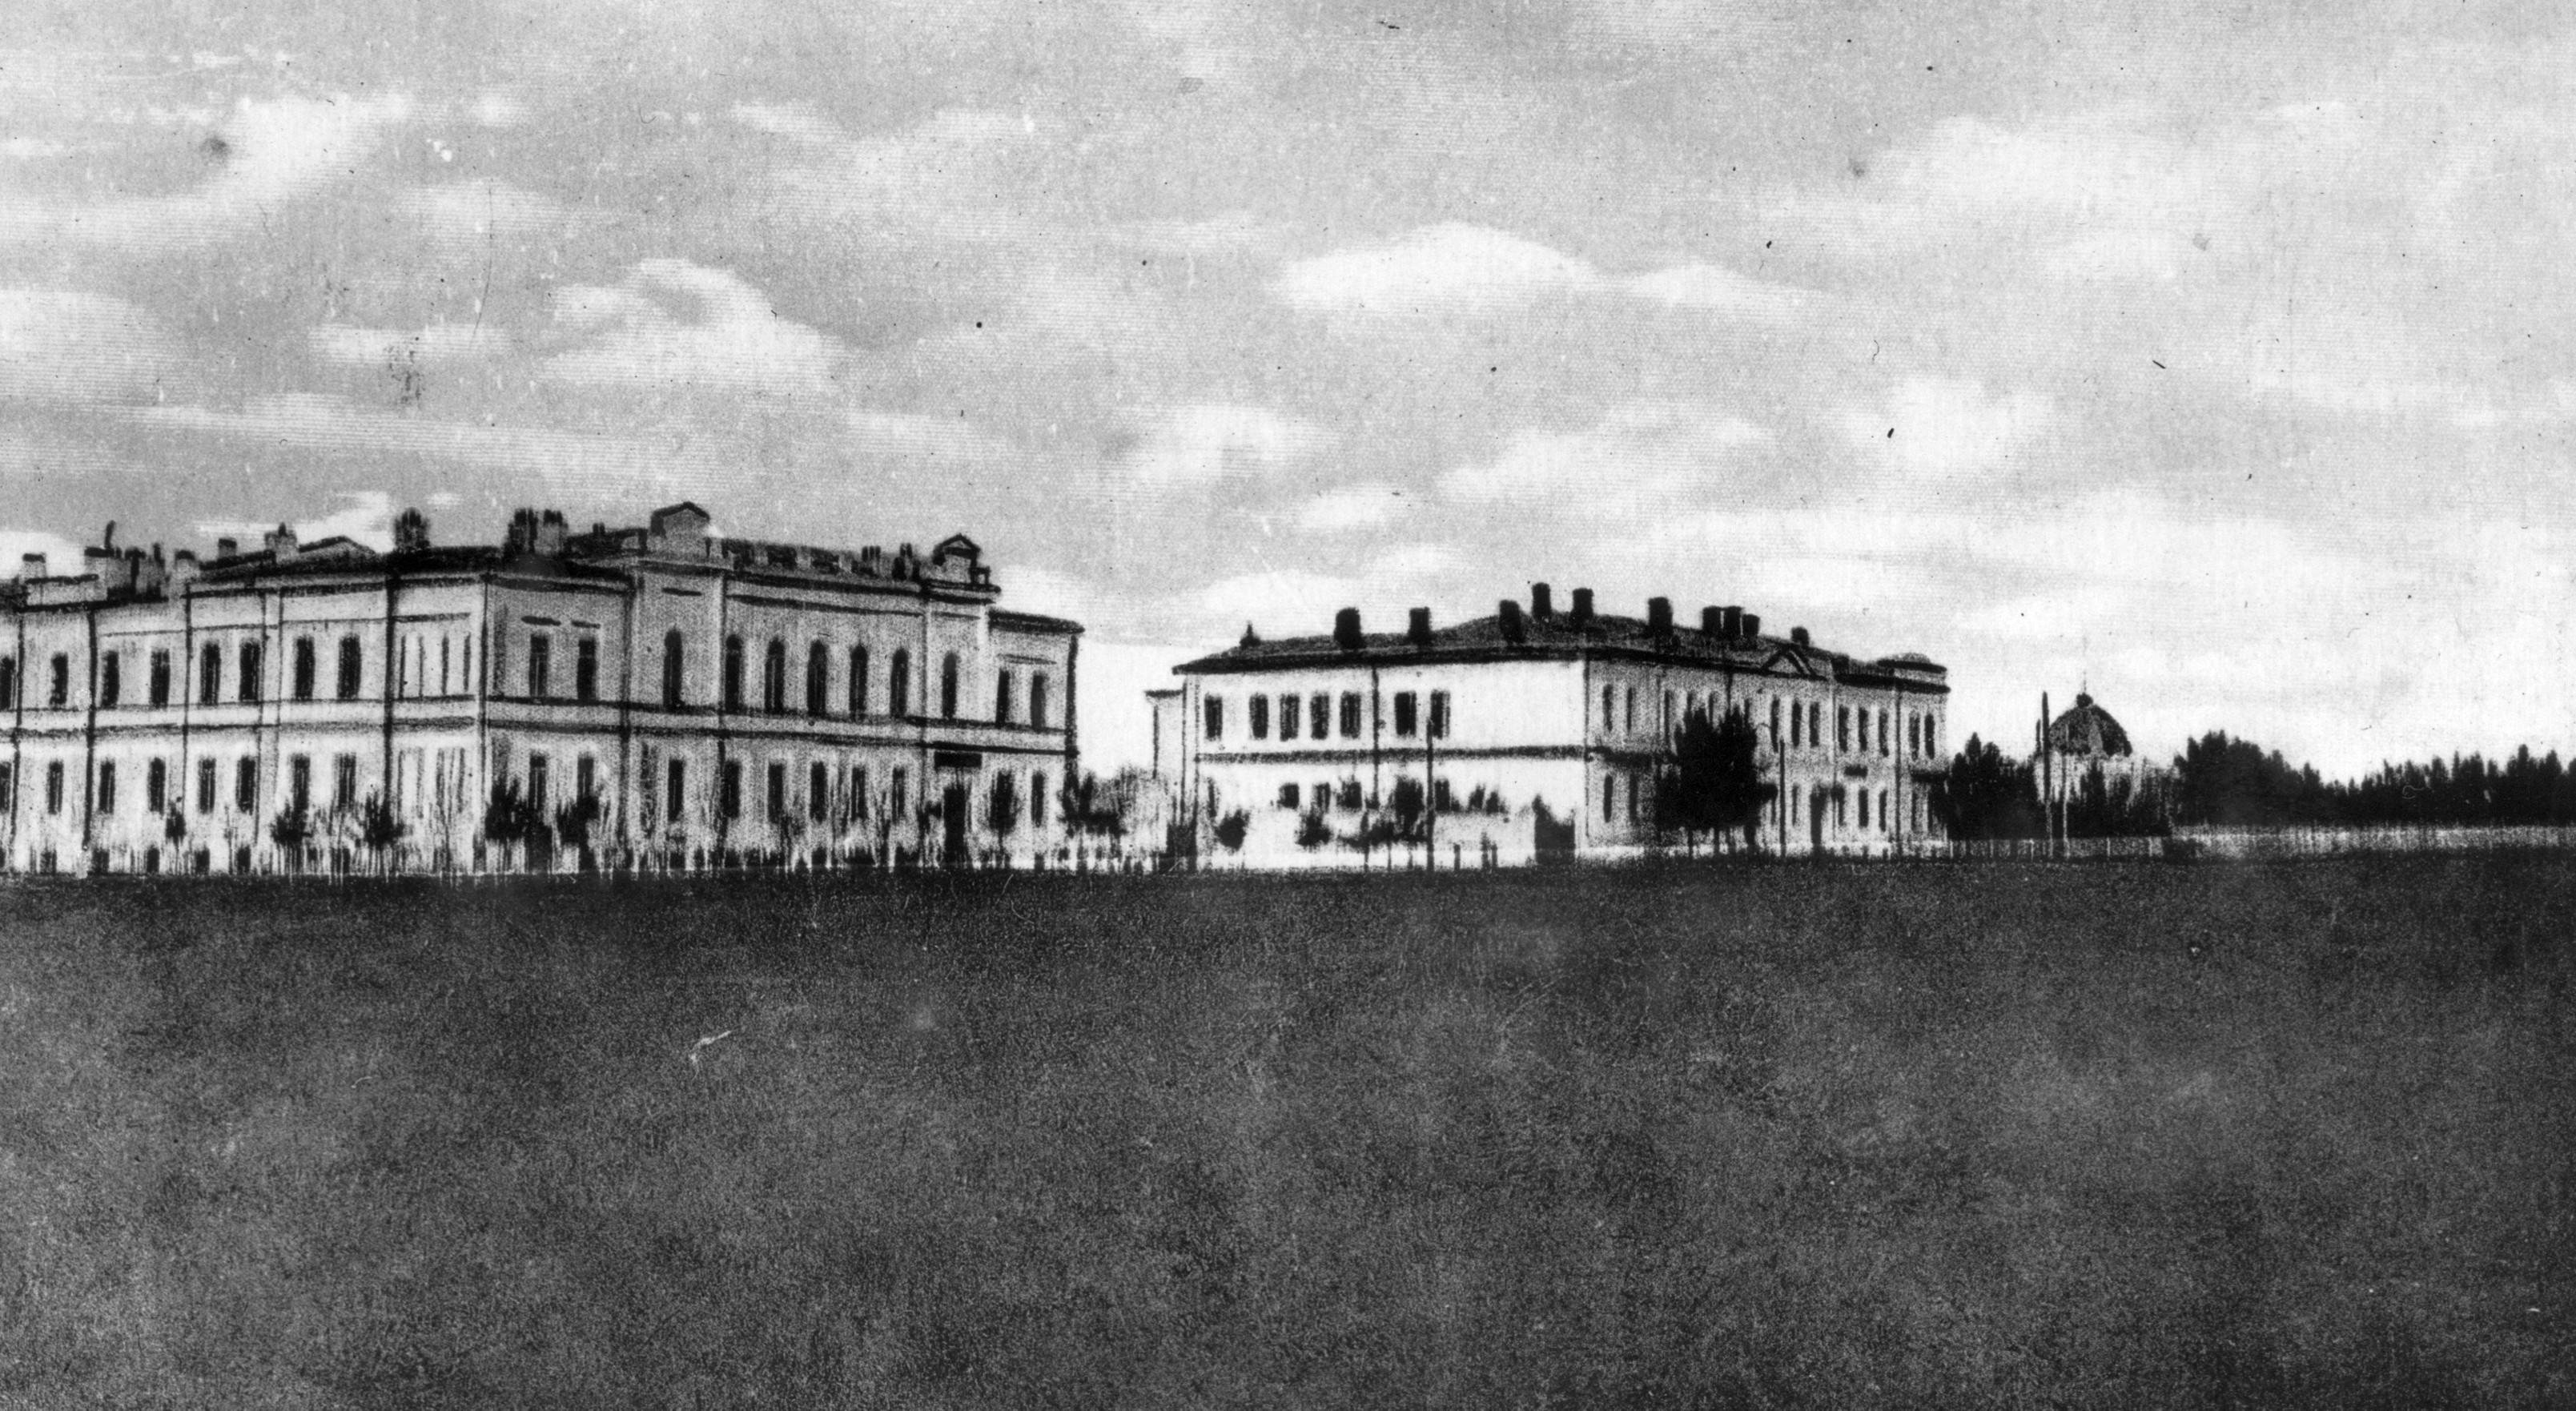 Госбанк и казенная палата